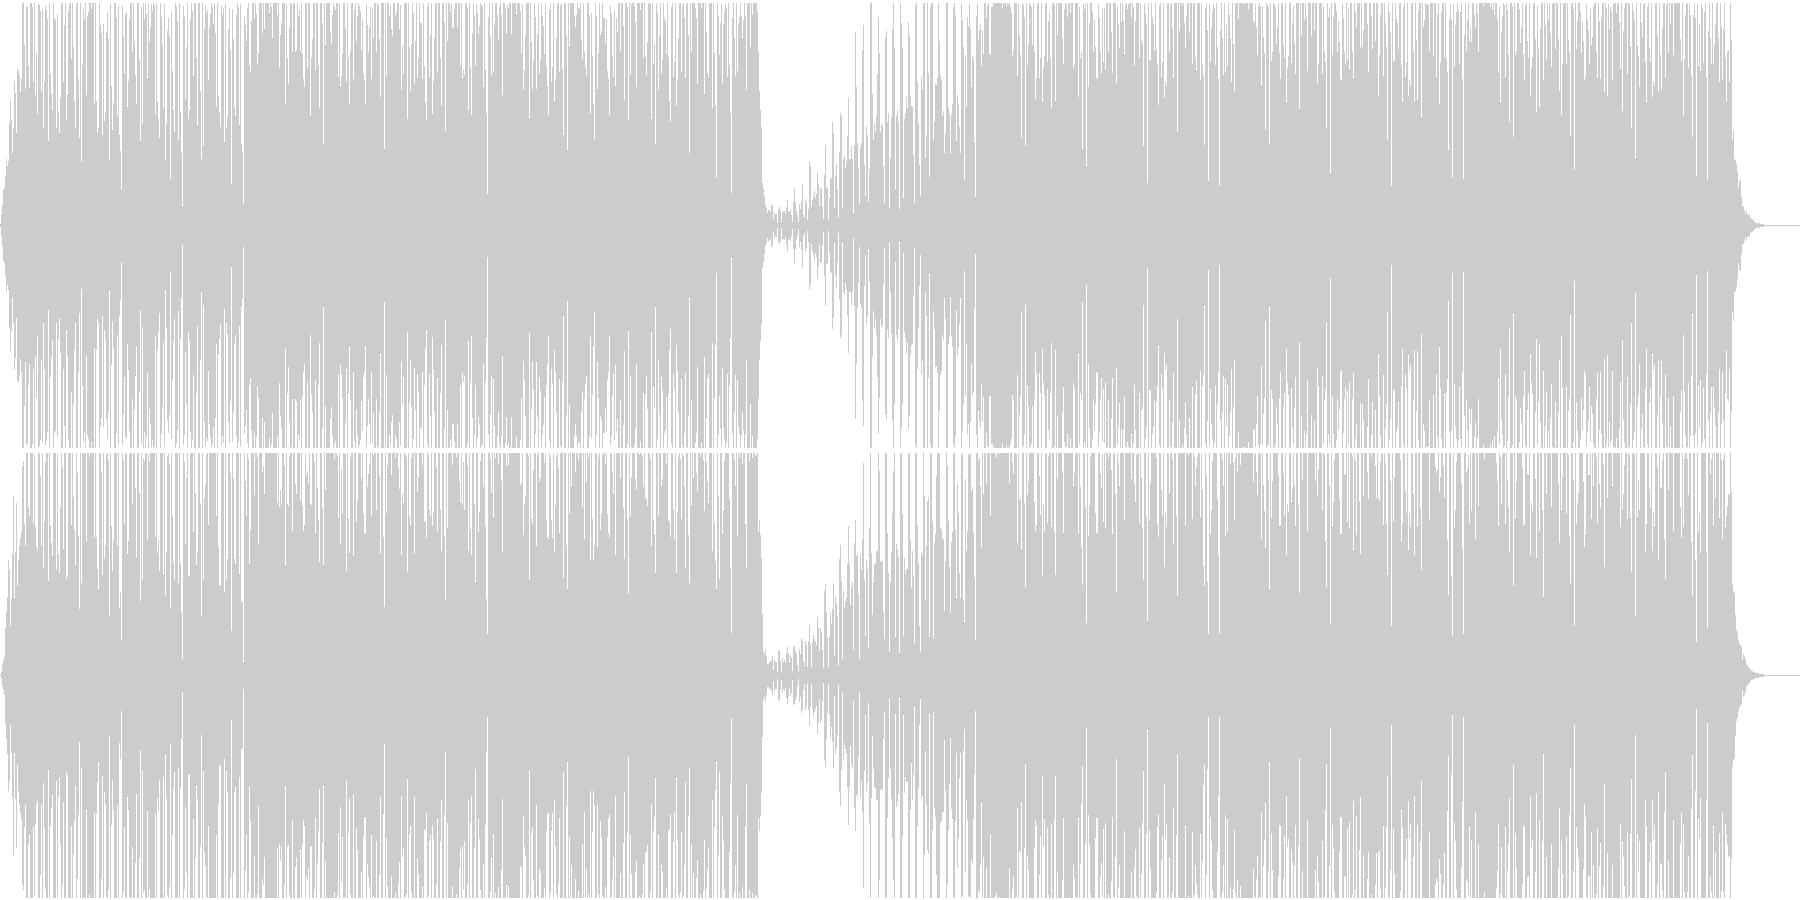 大人し目のハウスの未再生の波形